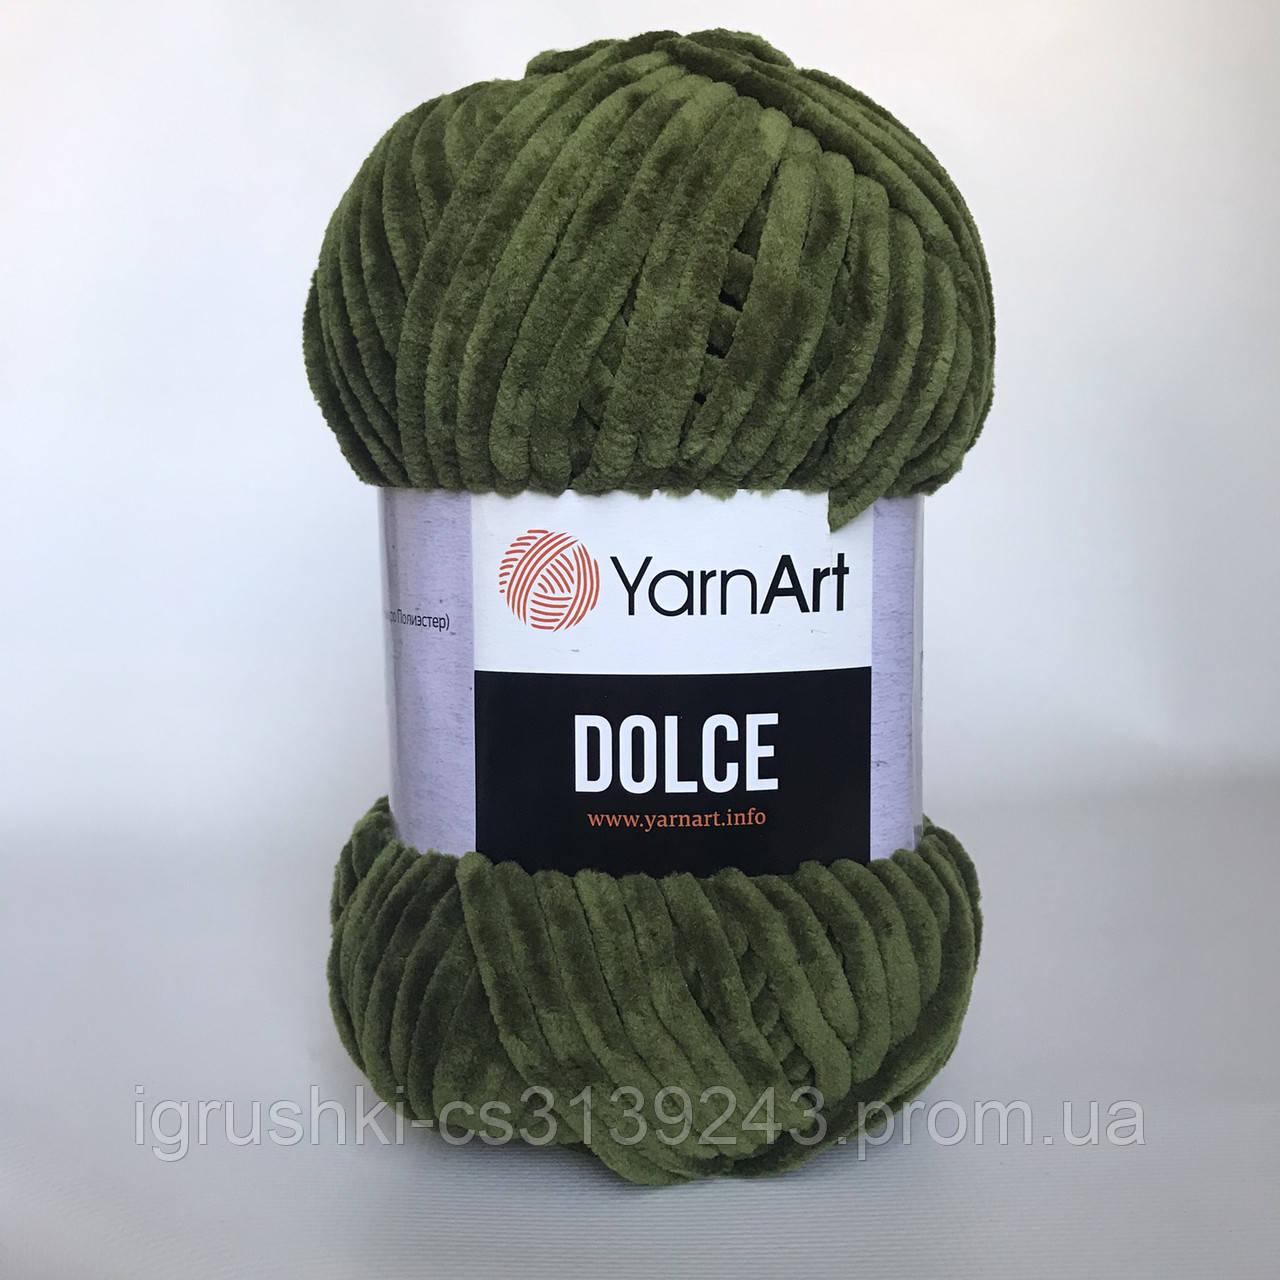 Плюшевая пряжа YarnArt Dolce 772 (ЯрнАрт Дольче) Хаки